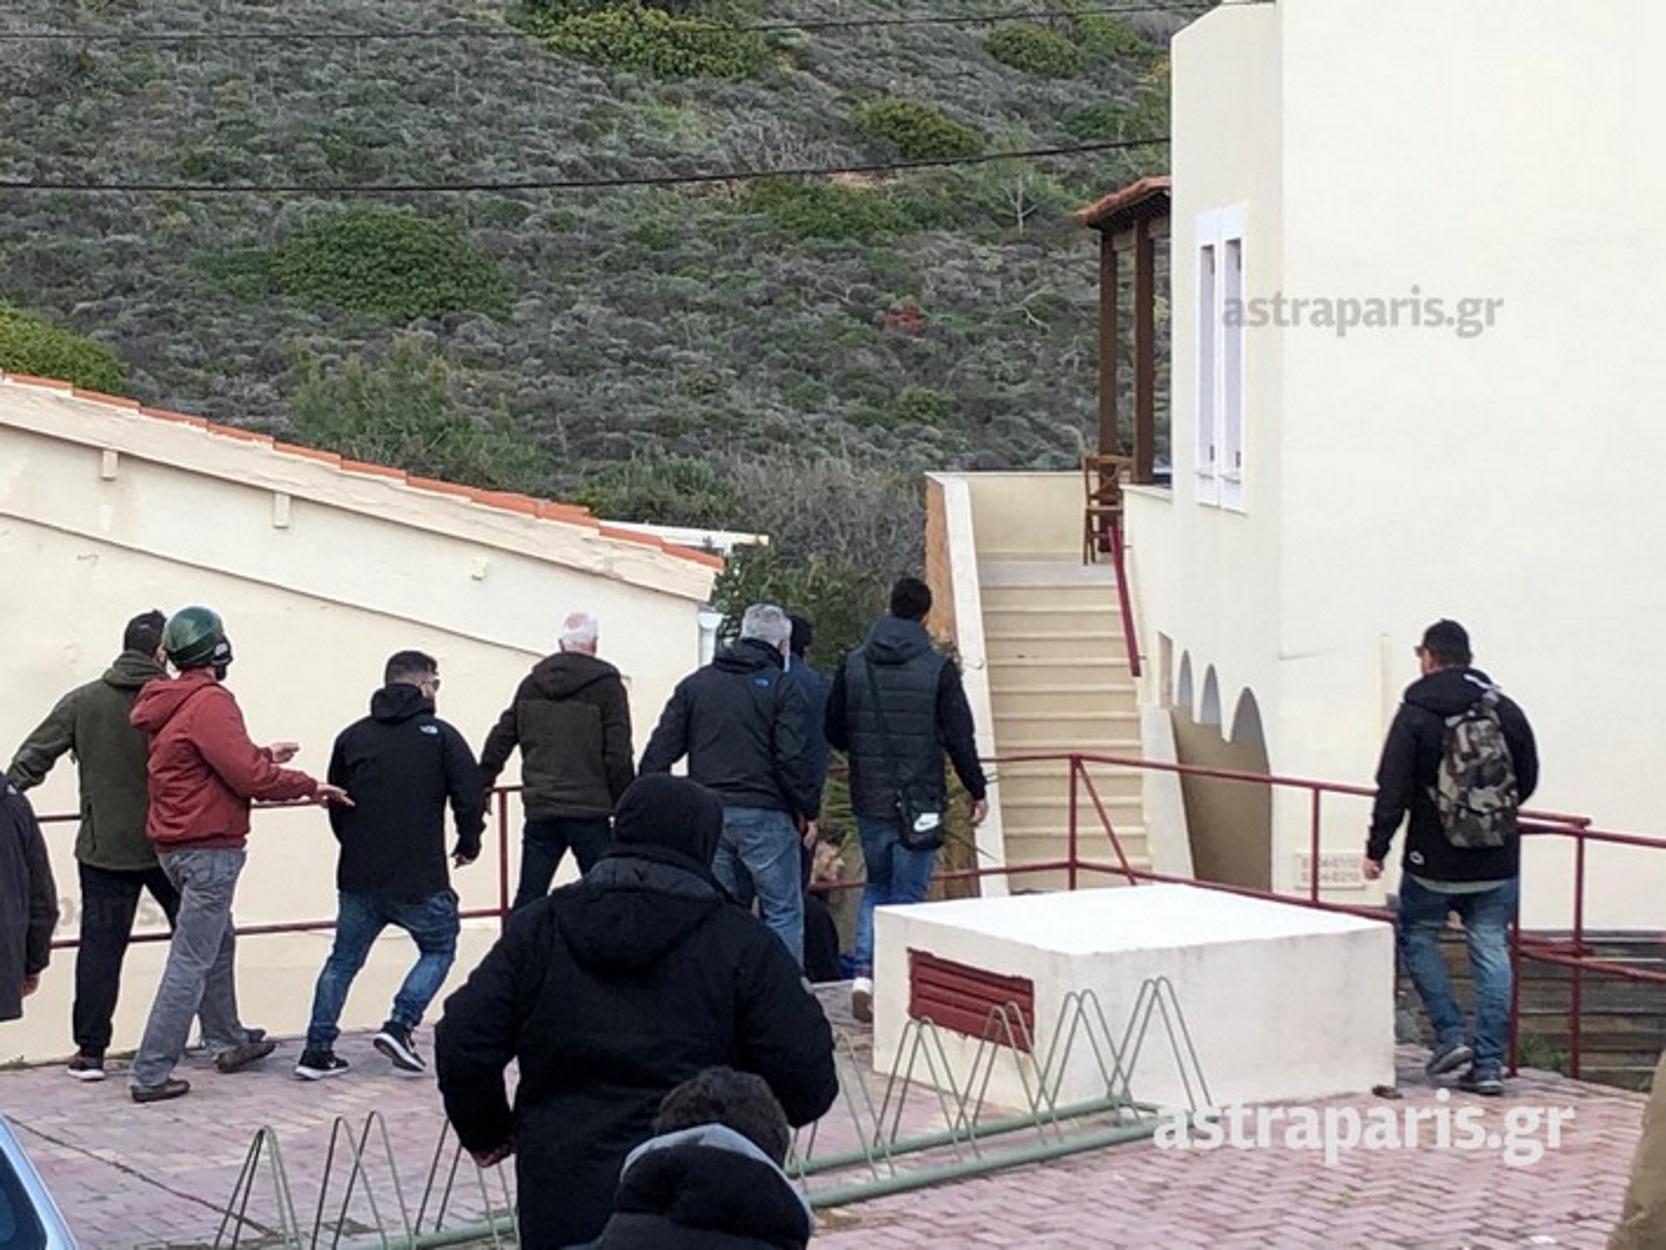 Χίος: Κάτοικοι μπήκαν στα ξενοδοχεία που μένουν τα ΜΑΤ, τους ξυλοκόπησαν και τους πήραν και τα ρούχα! {pics}